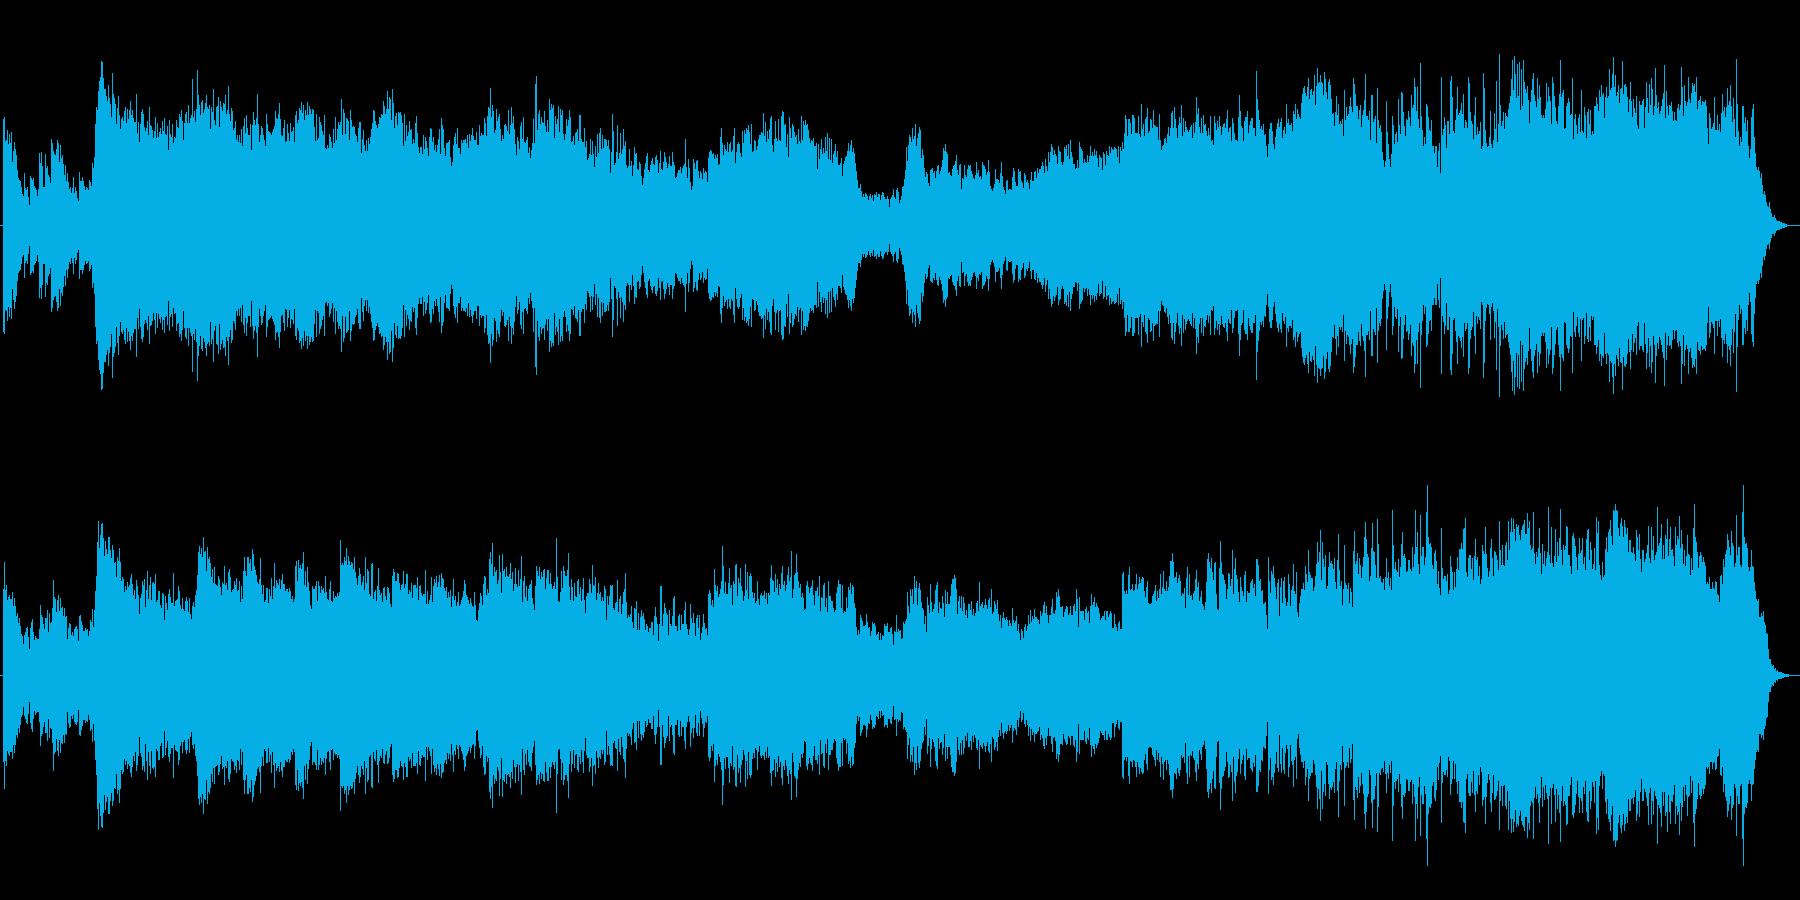 神秘的で古代的な森林を流れるBGMの再生済みの波形